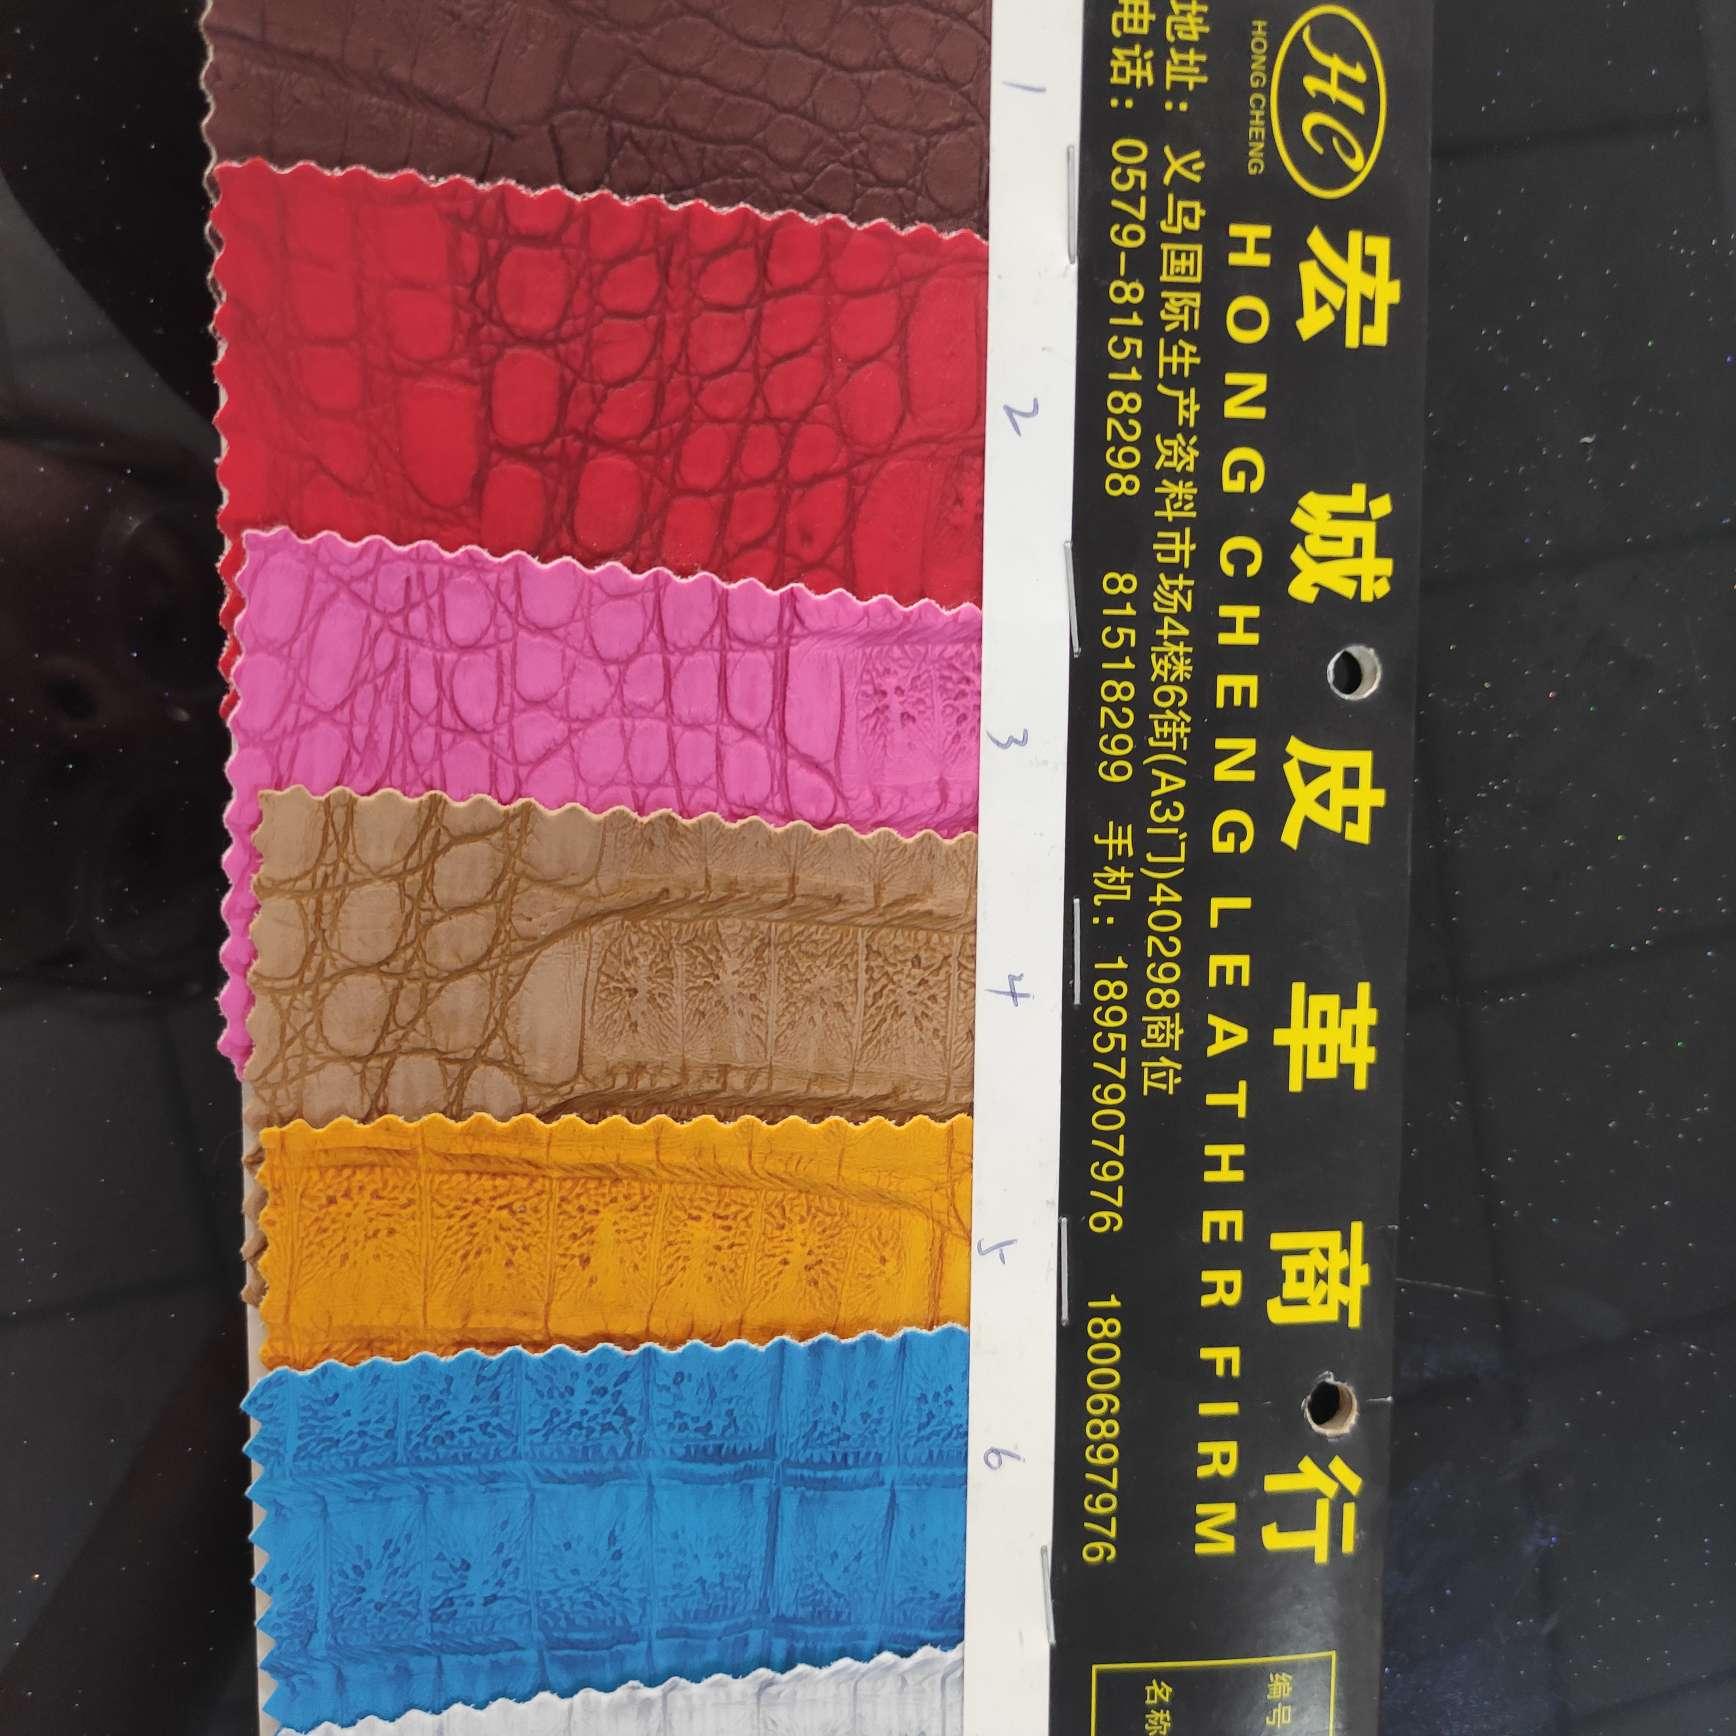 鳄鱼大量现货高中低档皮革面料厂家直销热销新款